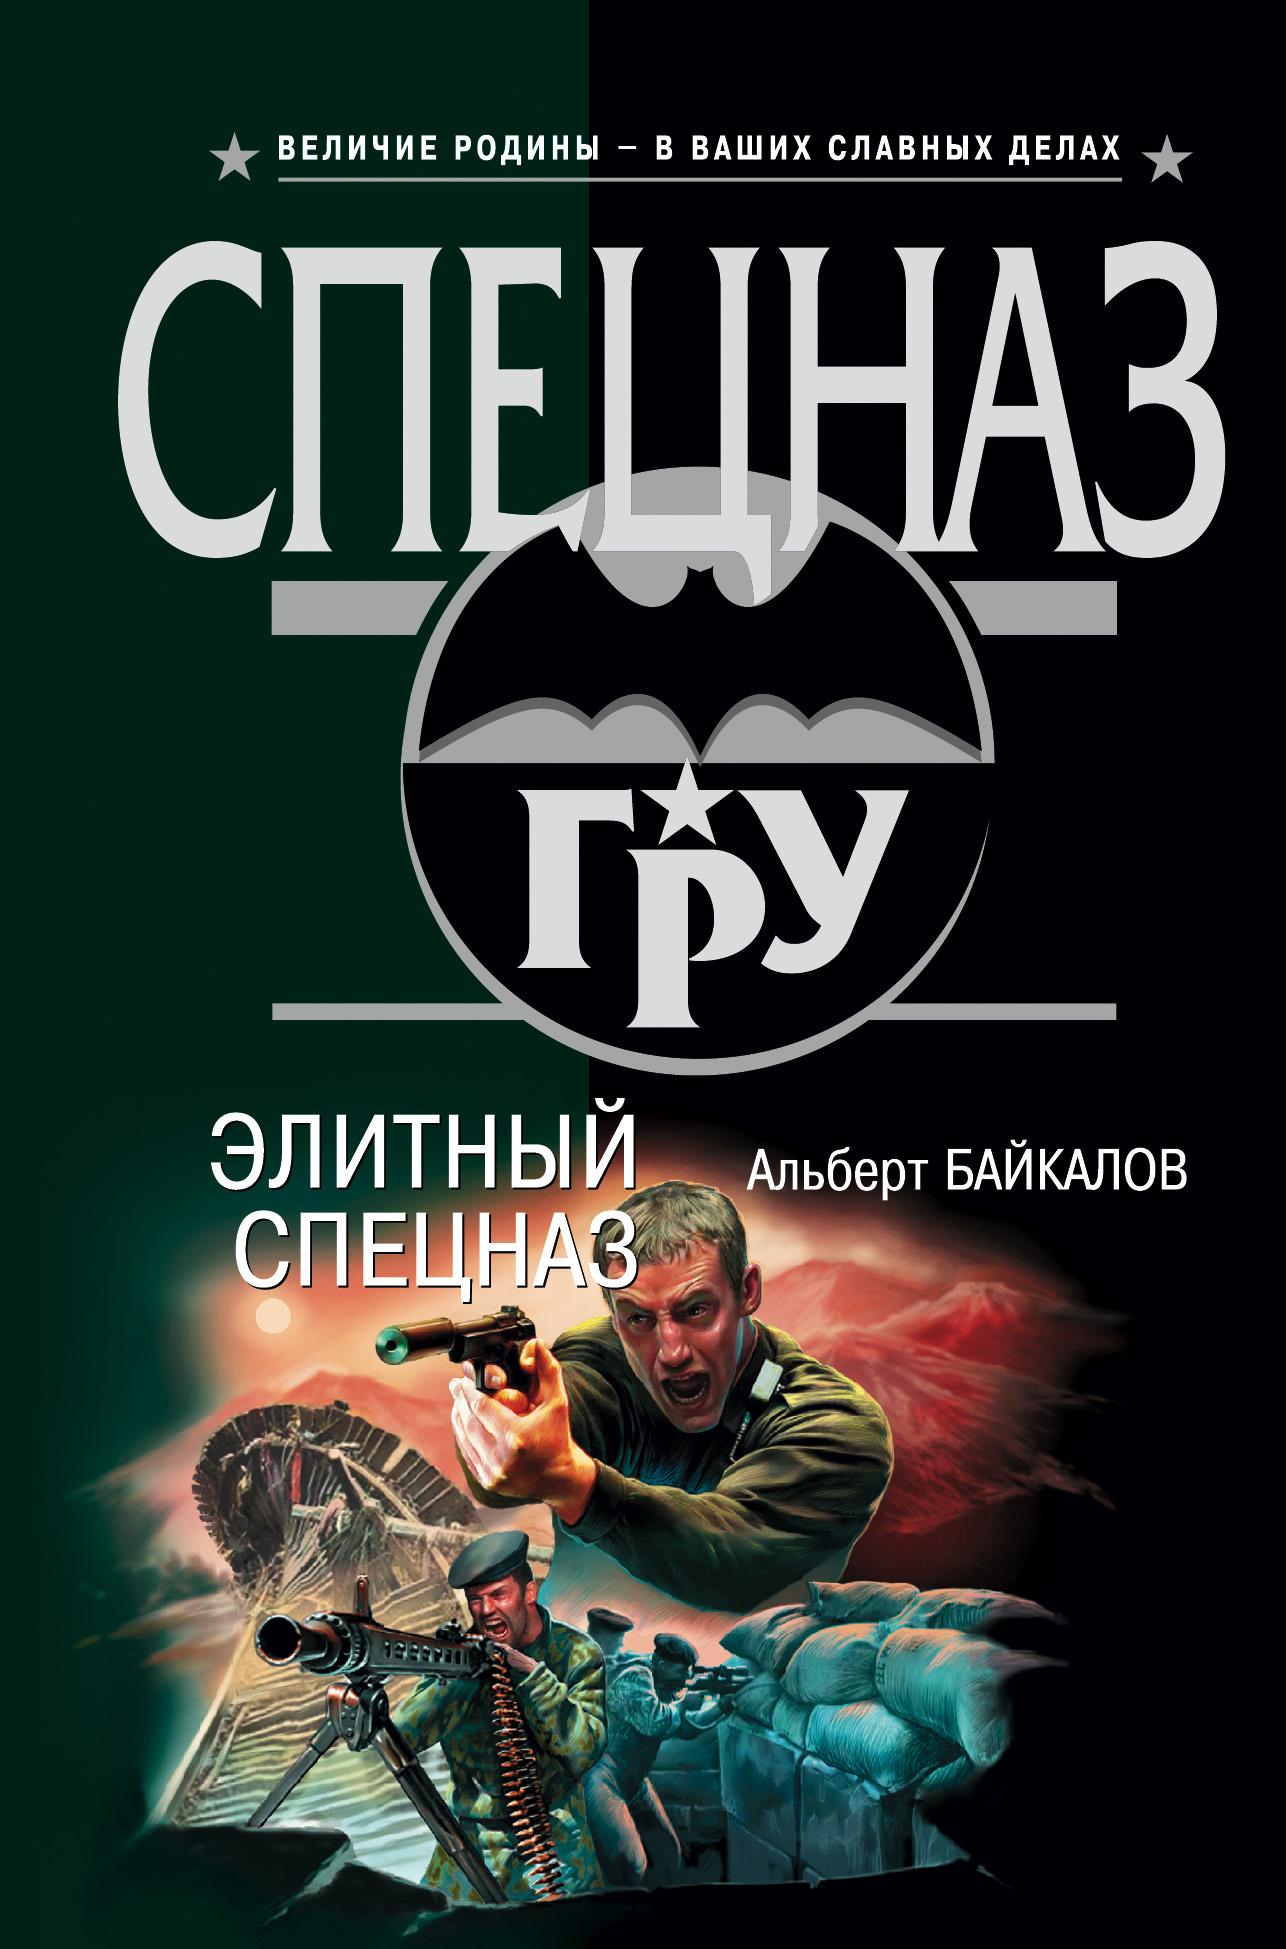 Альберт Байкалов Элитный спецназ альберт байкалов уничтожить взрывом